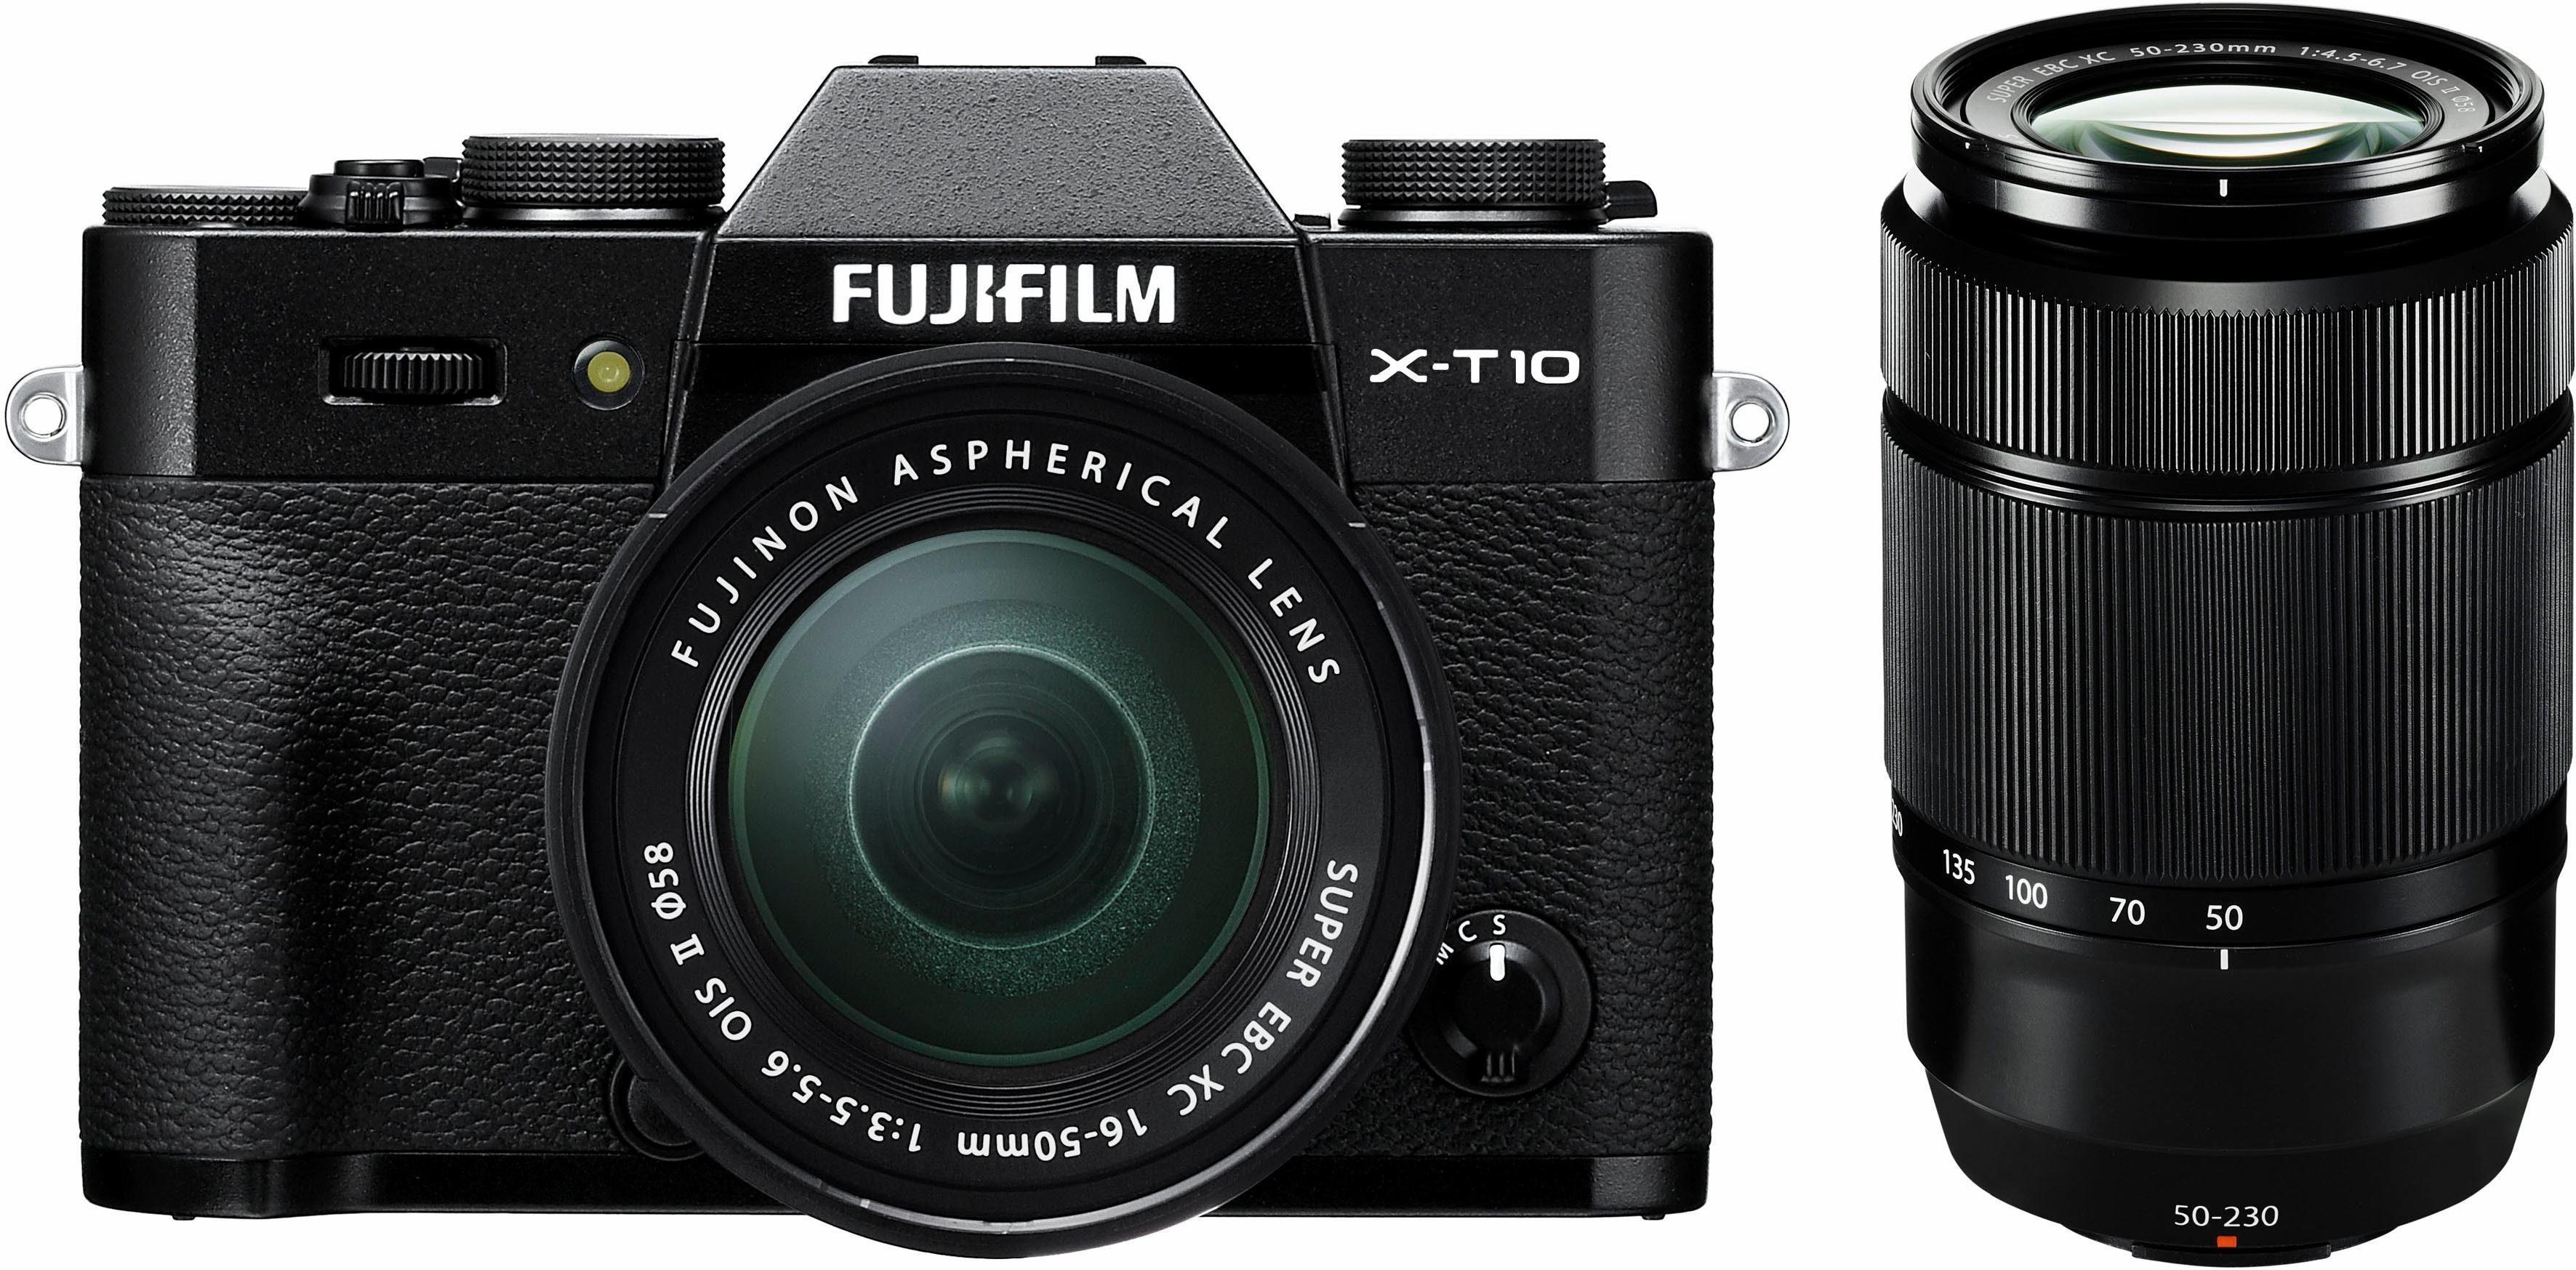 FUJIFILM X-T10 System Kamera, Inkl. 16-50mm- und 50-230mm-Objektiv, WLAN, Full HD Video, 16,3 MP